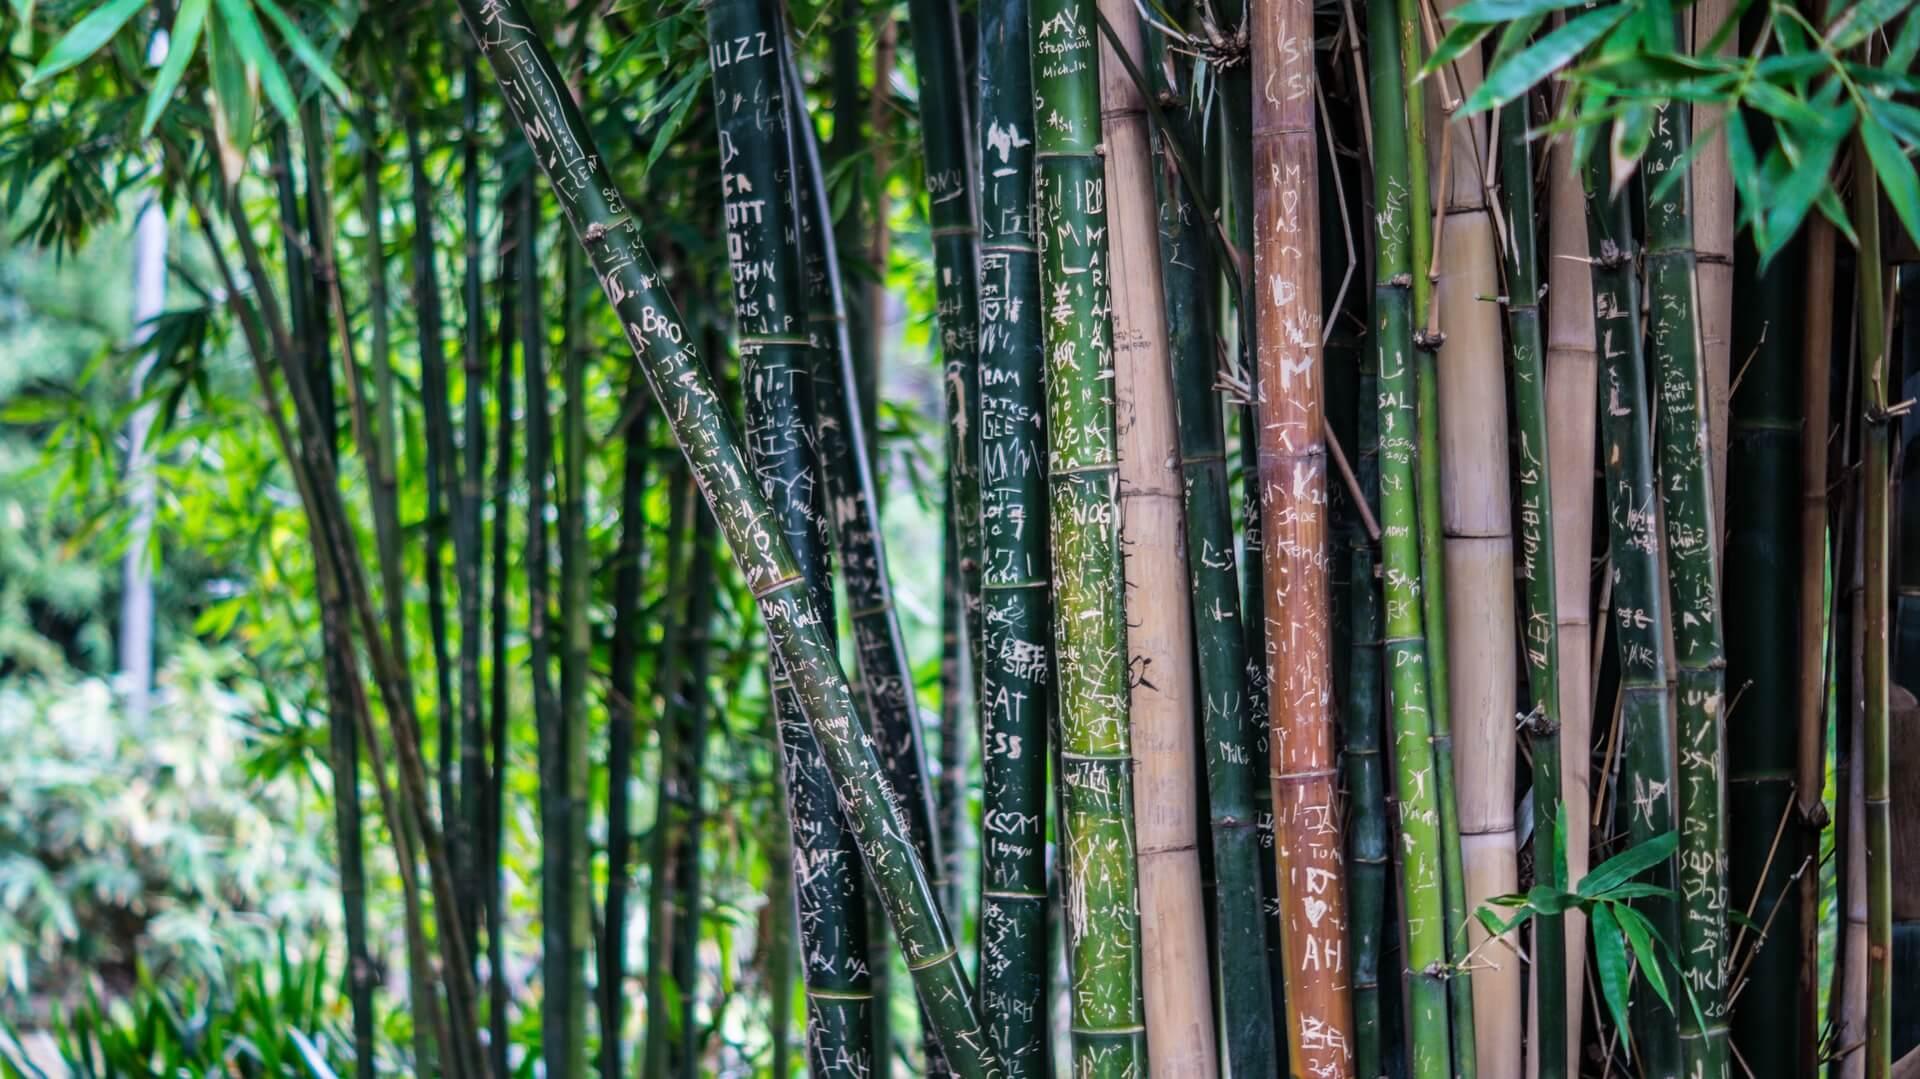 Forêt de bambou, un matériau beaucoup utilisé pour des objets éco design